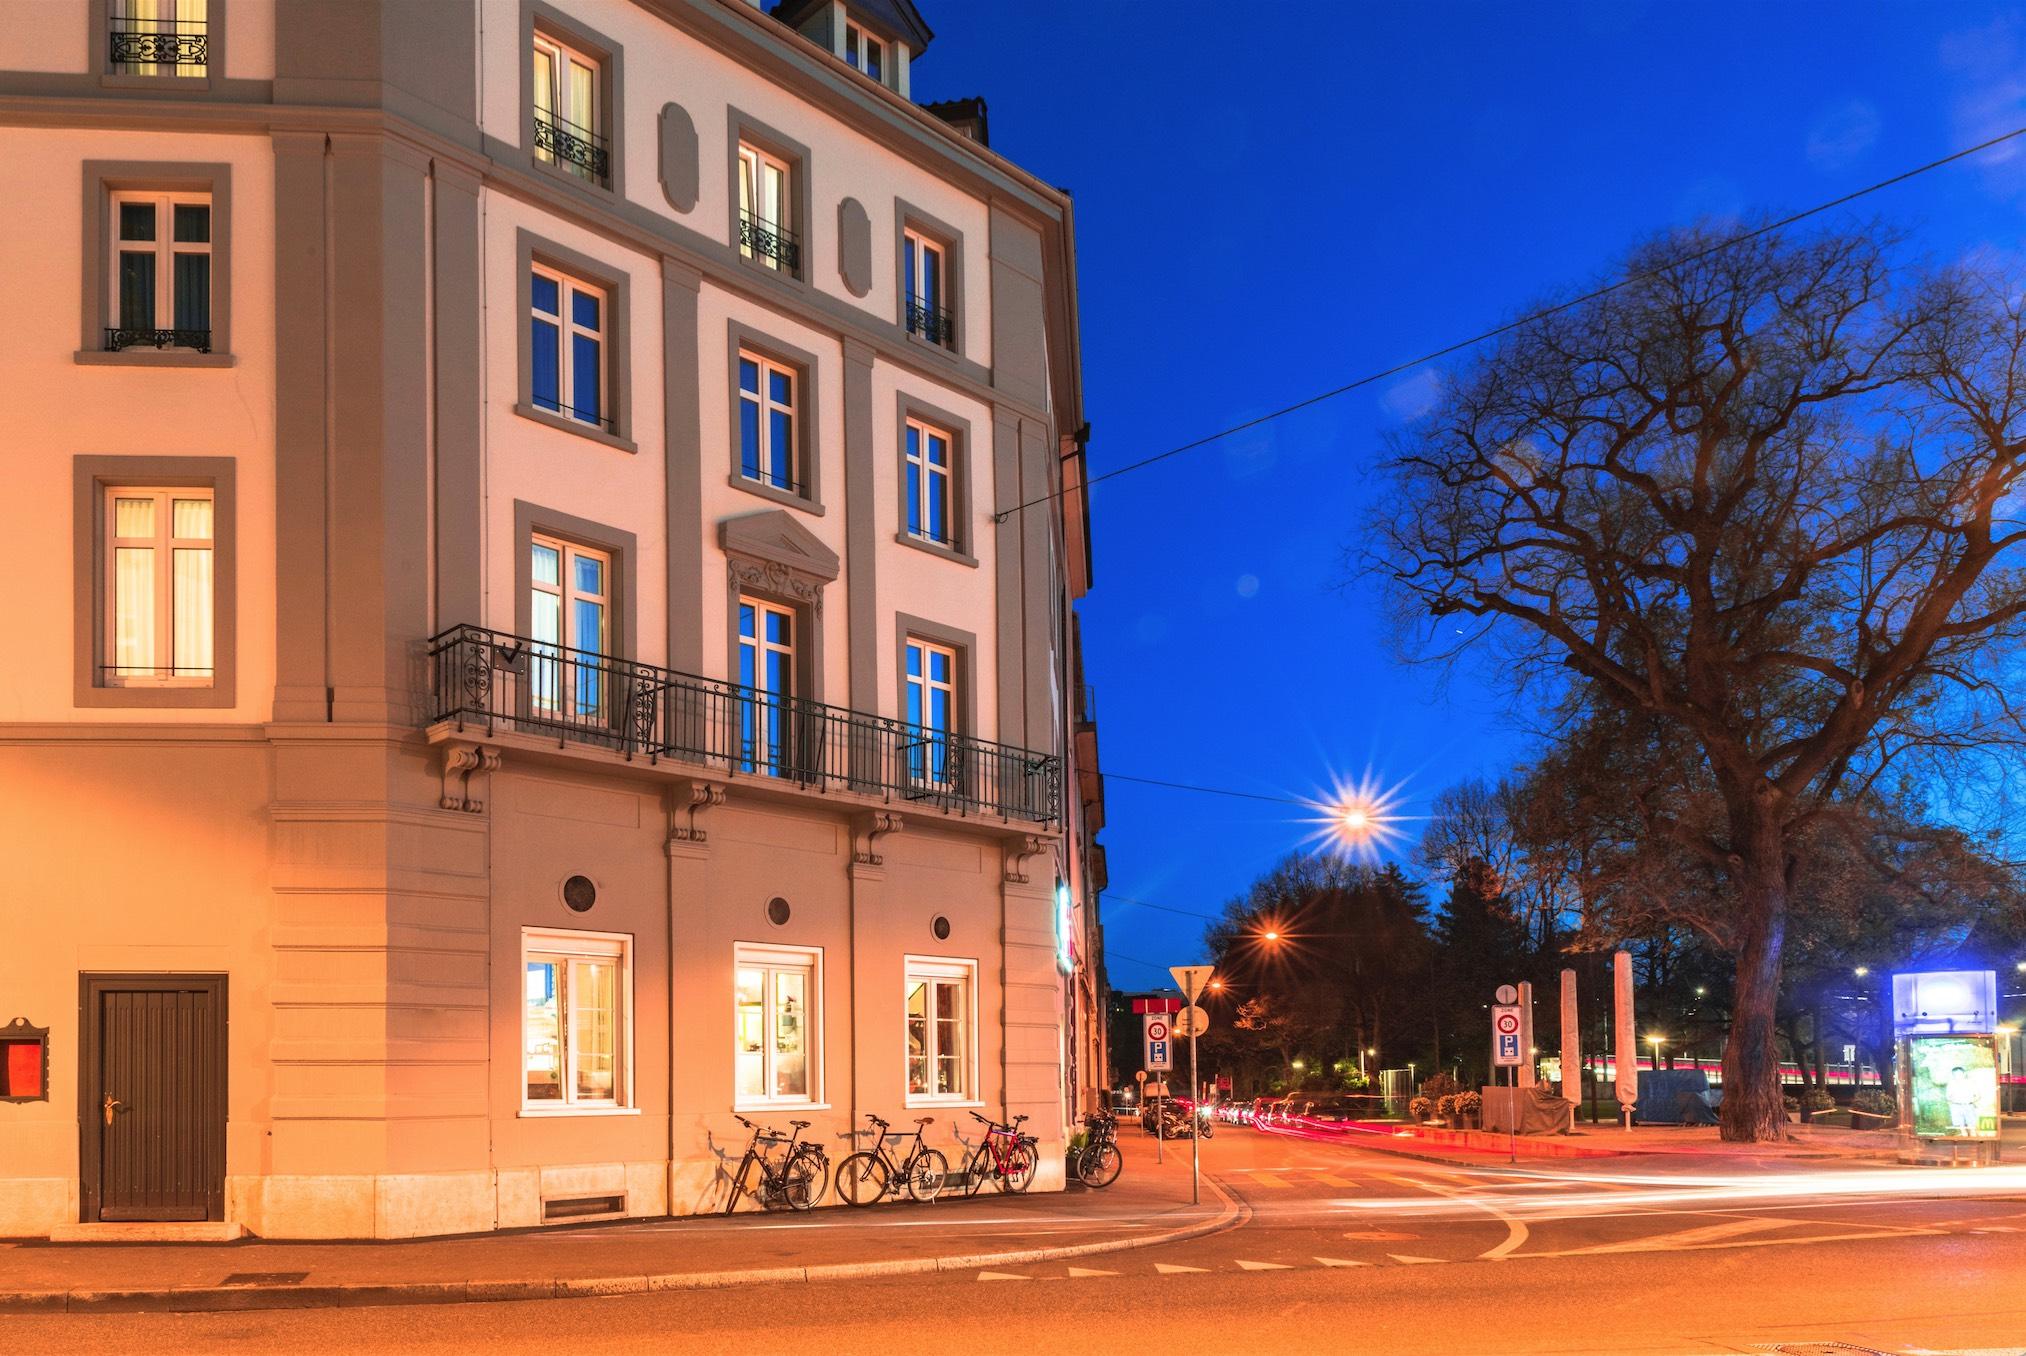 Hotel Resslirytti